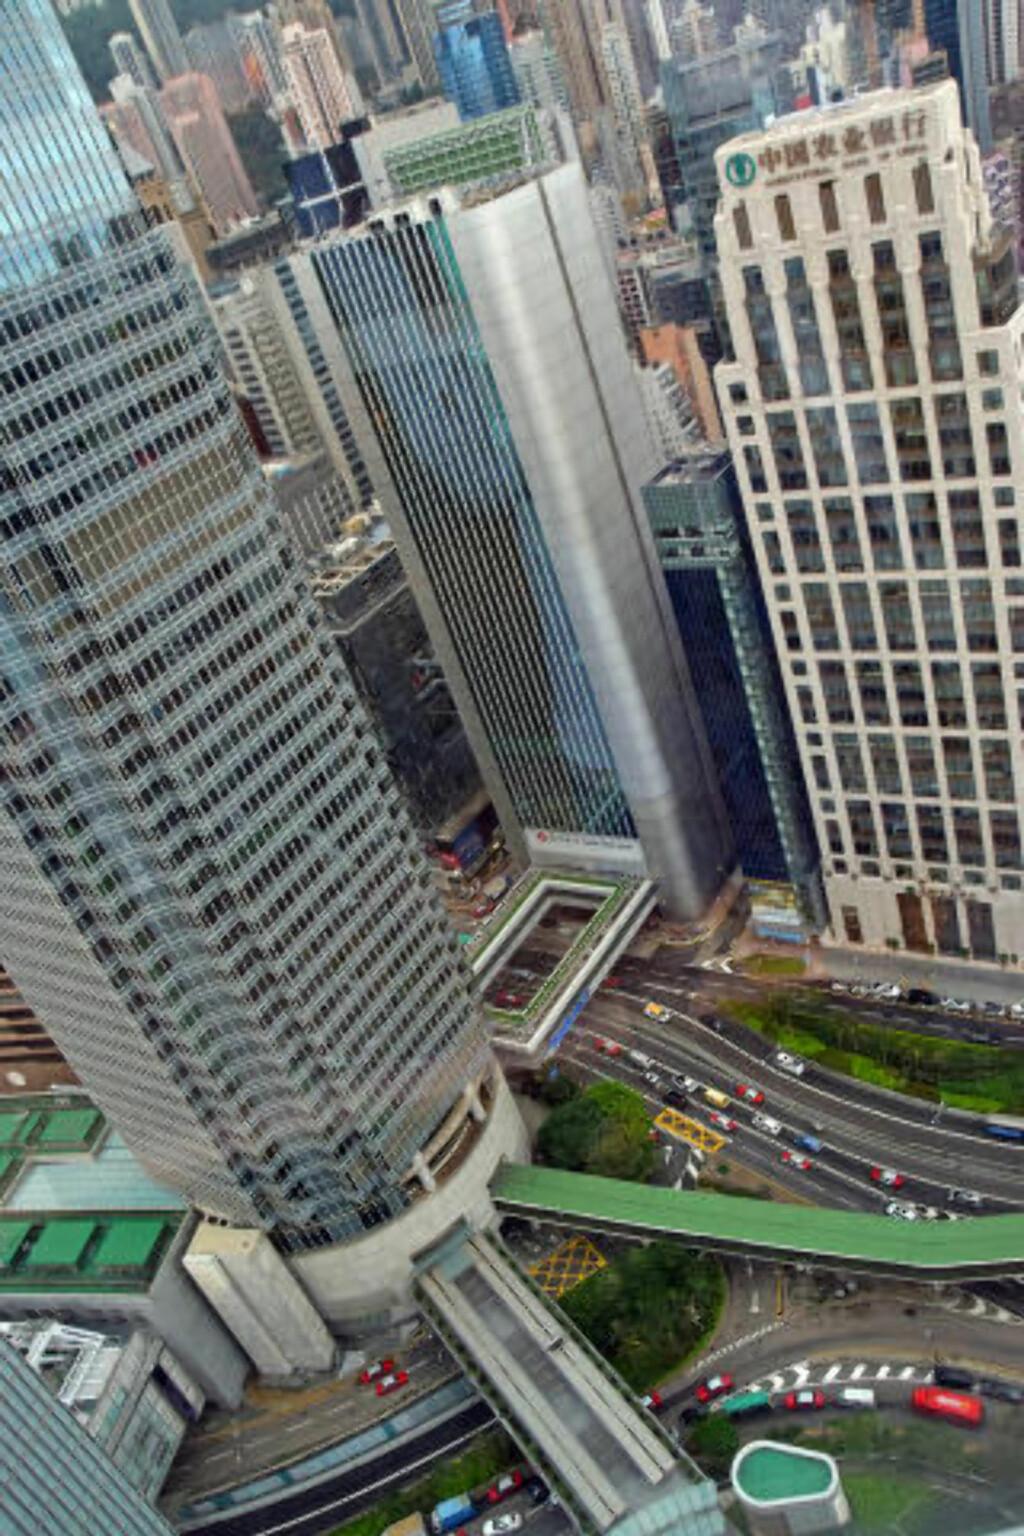 HØYT: Hong Kongs skyline er kanskje byens aller største attraksjon. Foto: MARI BAREKSTEN